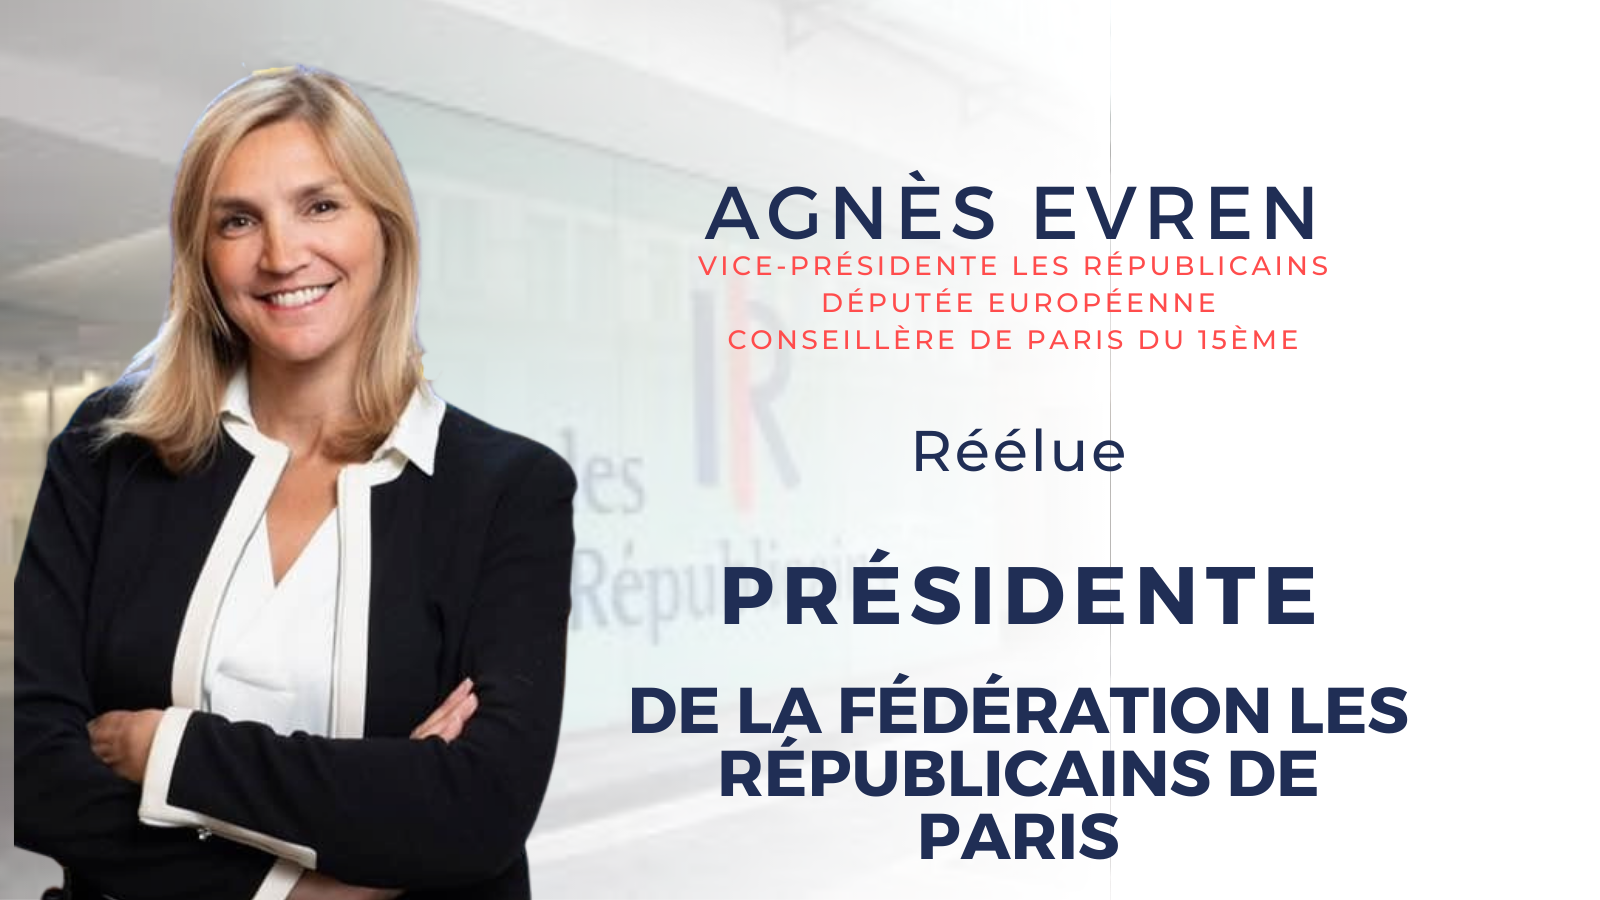 Agnès Evren réélue à présidence de la Fédération de Paris